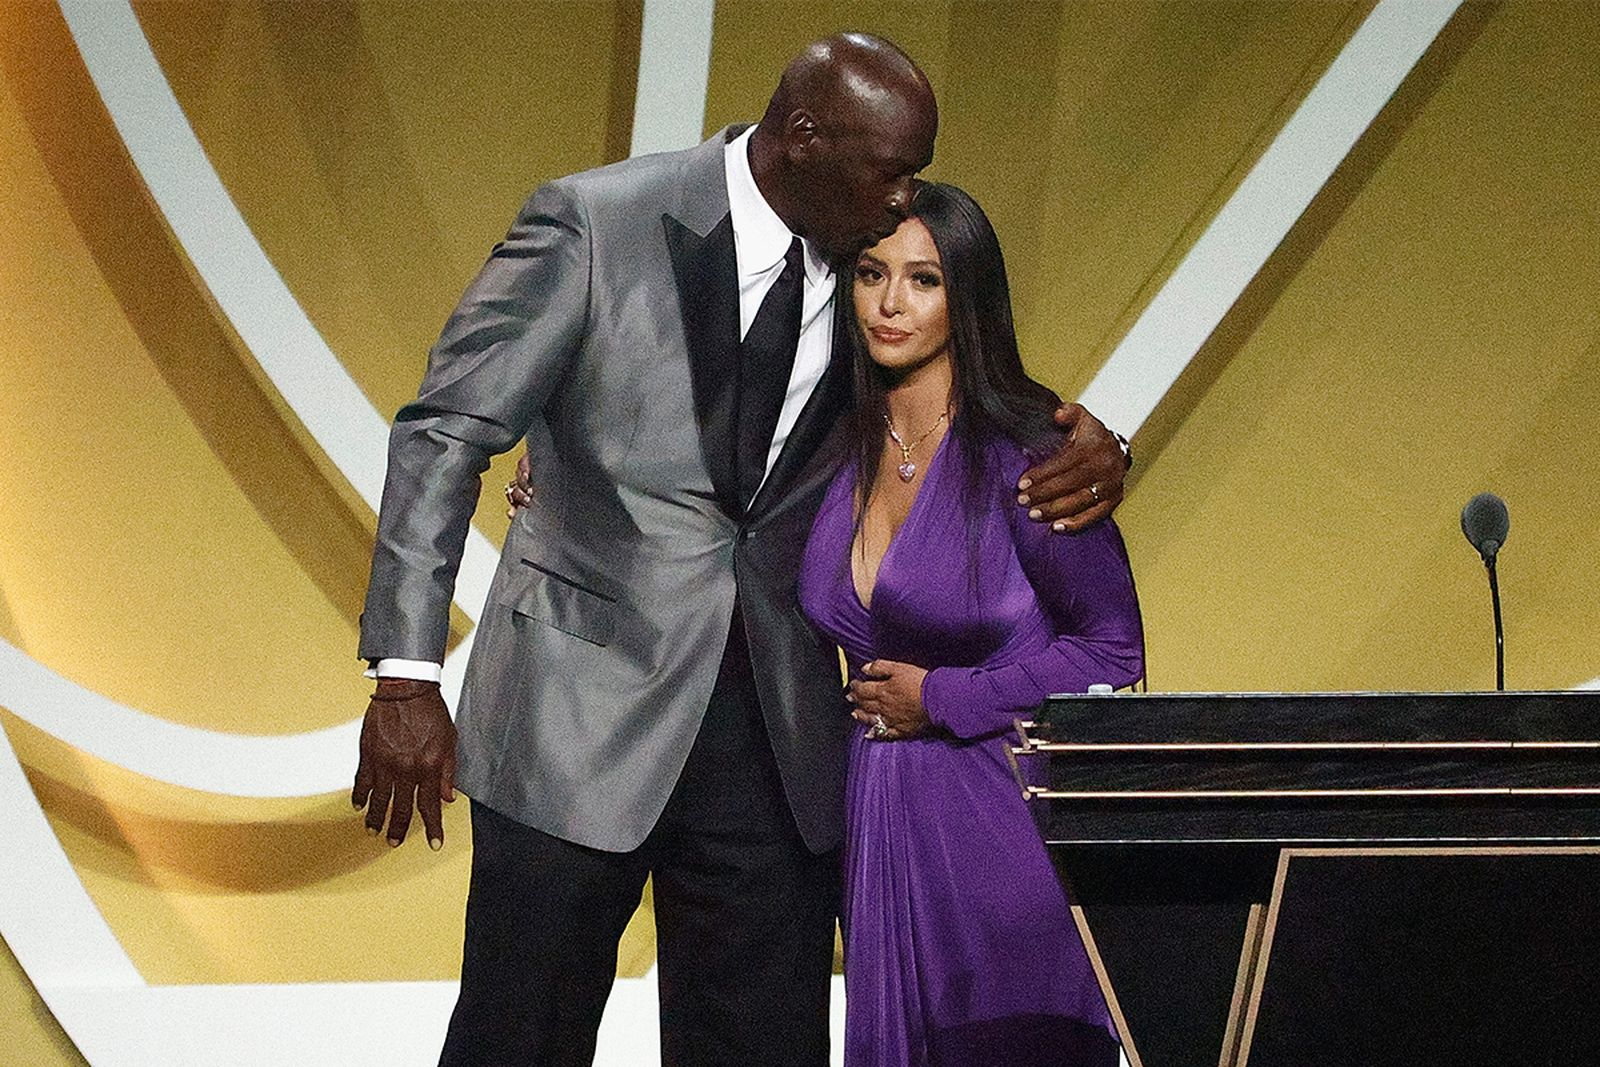 Vanessa Bryant and Michael Jordan